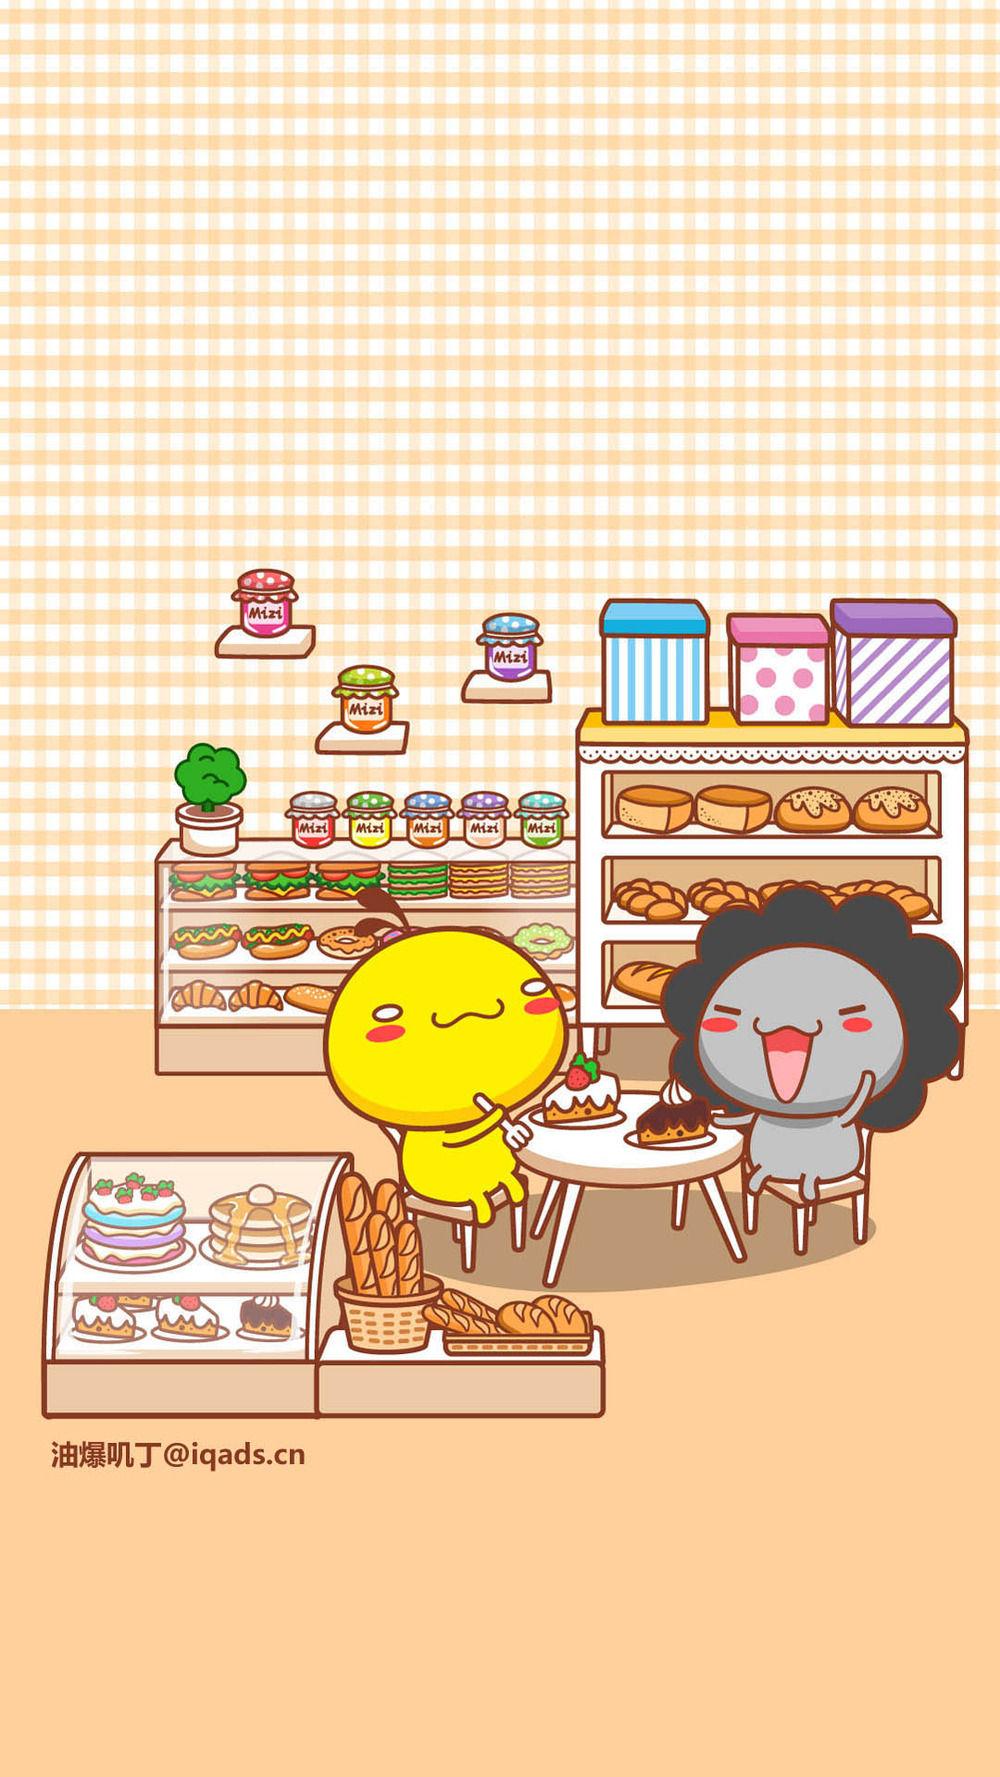 面包店-1080x1920.jpg